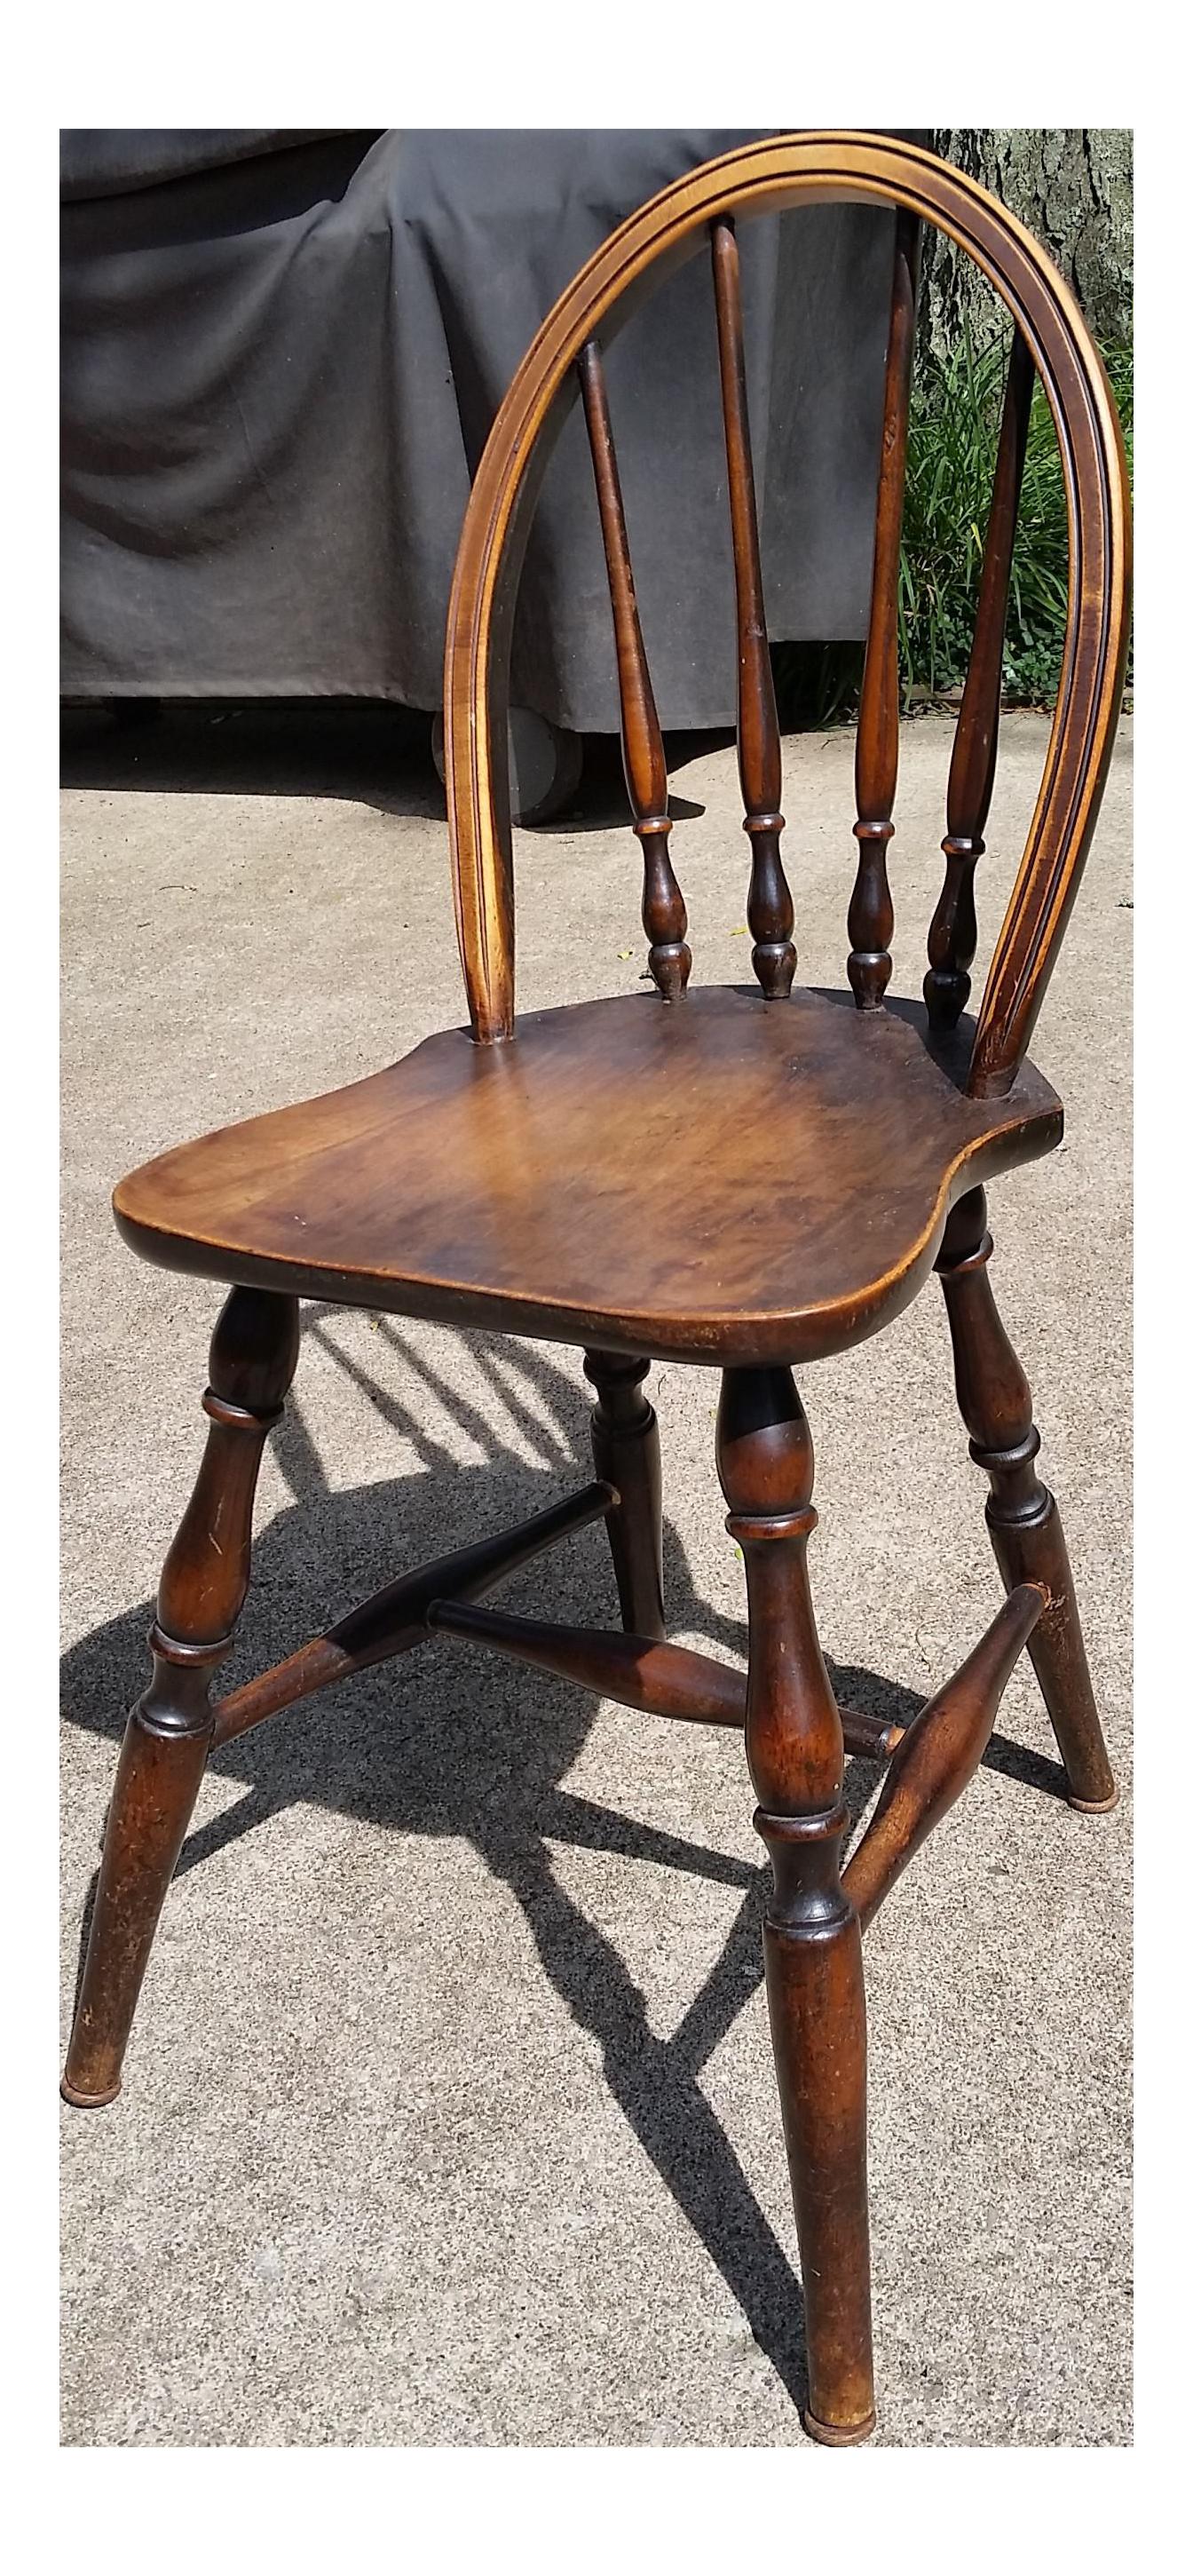 Antique Children's Williamsburg Style Bentwood Spindle Back Chair | Chairish - Antique Children's Williamsburg Style Bentwood Spindle Back Chair